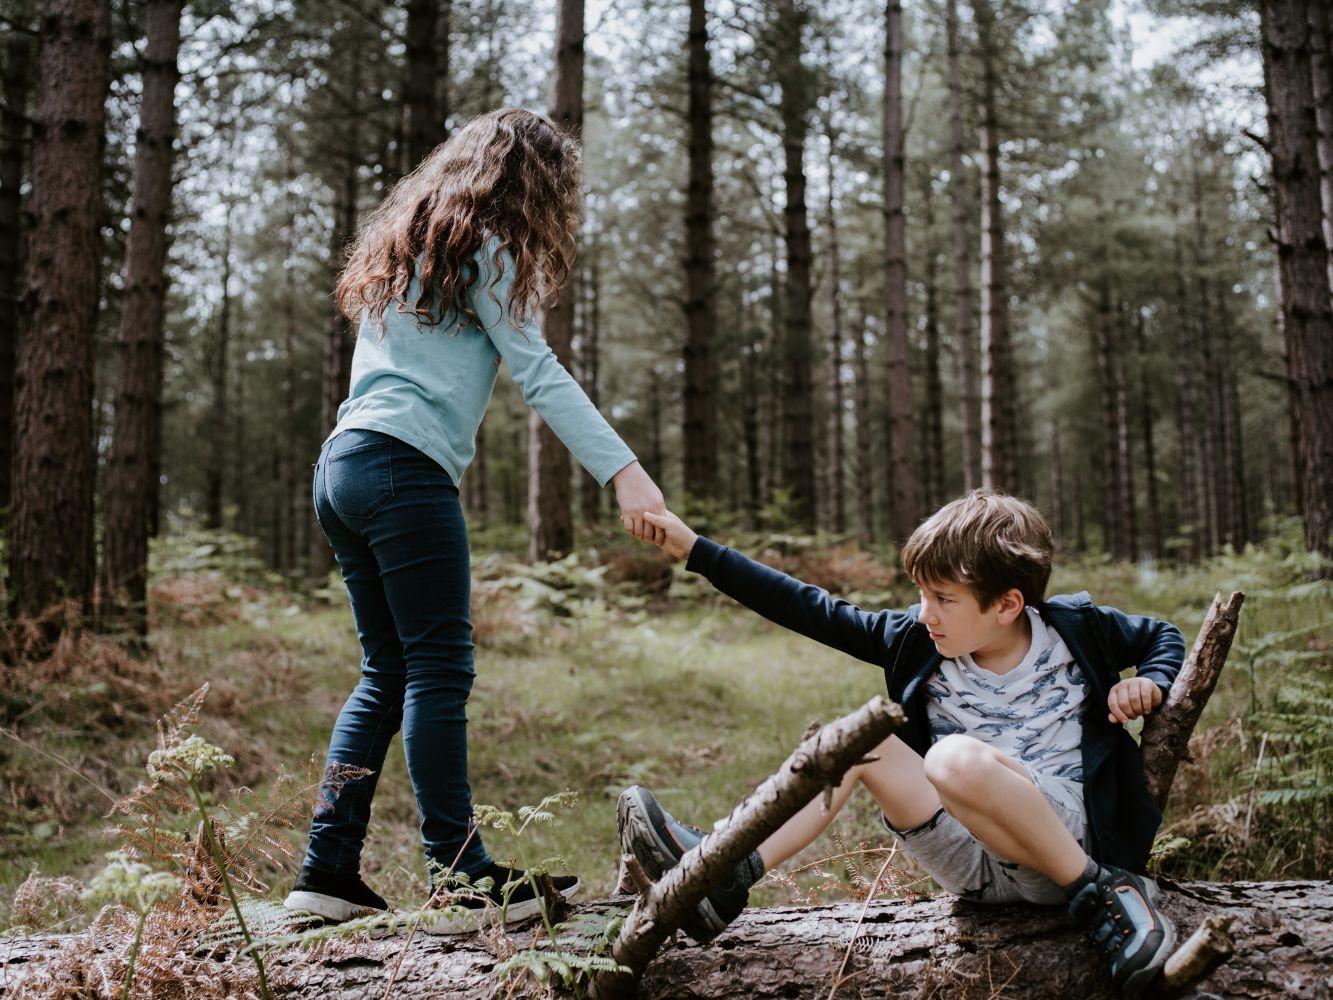 pesquisa crianças altruísmo 7